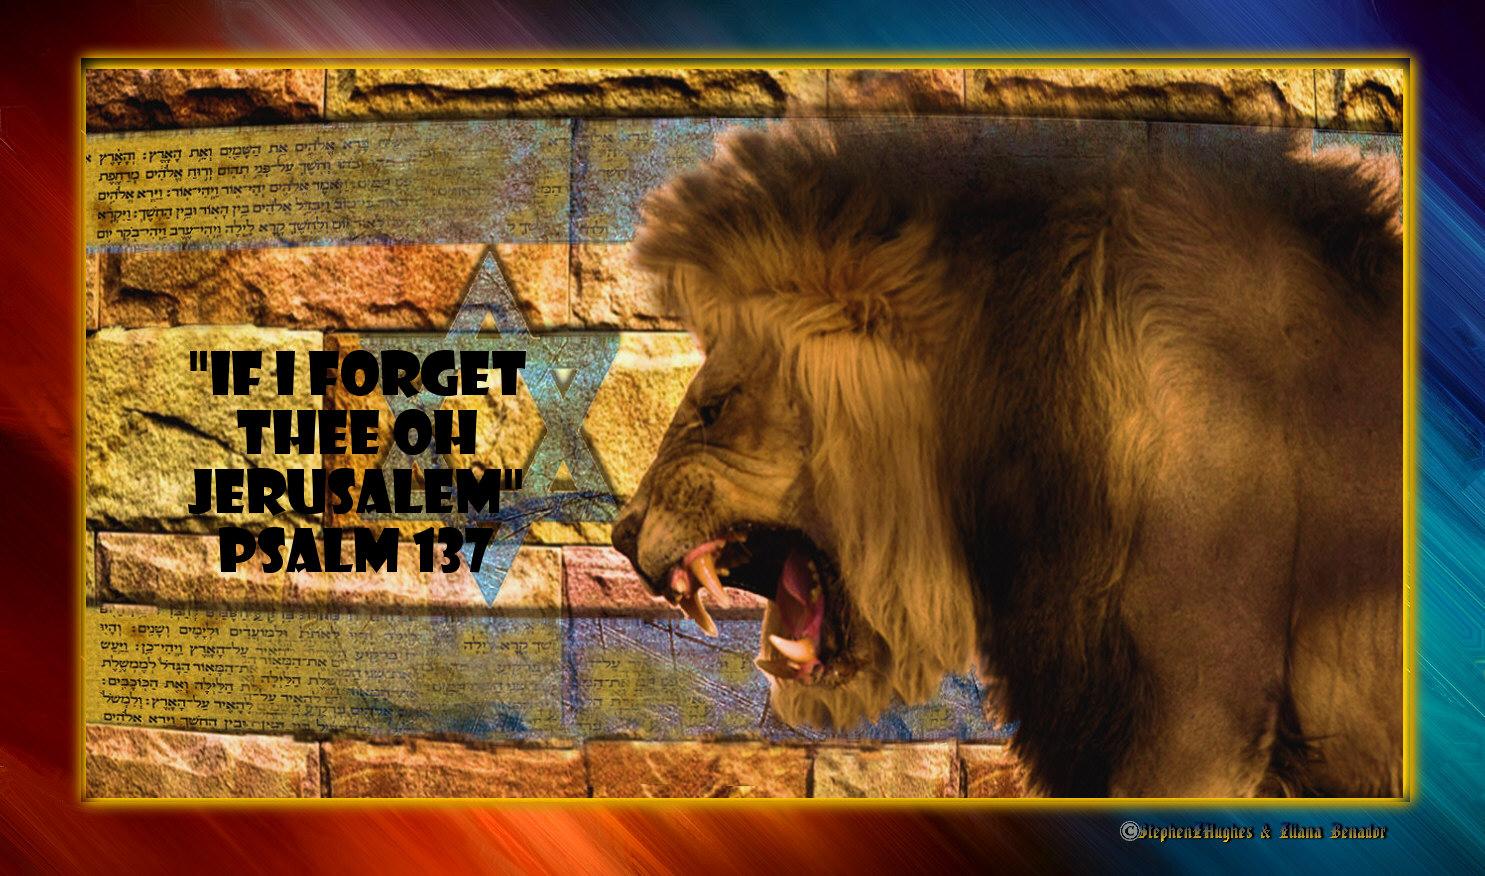 http://3.bp.blogspot.com/-1XerLUv6FAE/T3iVKfEDM-I/AAAAAAAAAio/lopXVubk2Vg/s1600/GIMP%252B-%252BSEHBAT-JERUSALEM-30MARCH.jpg